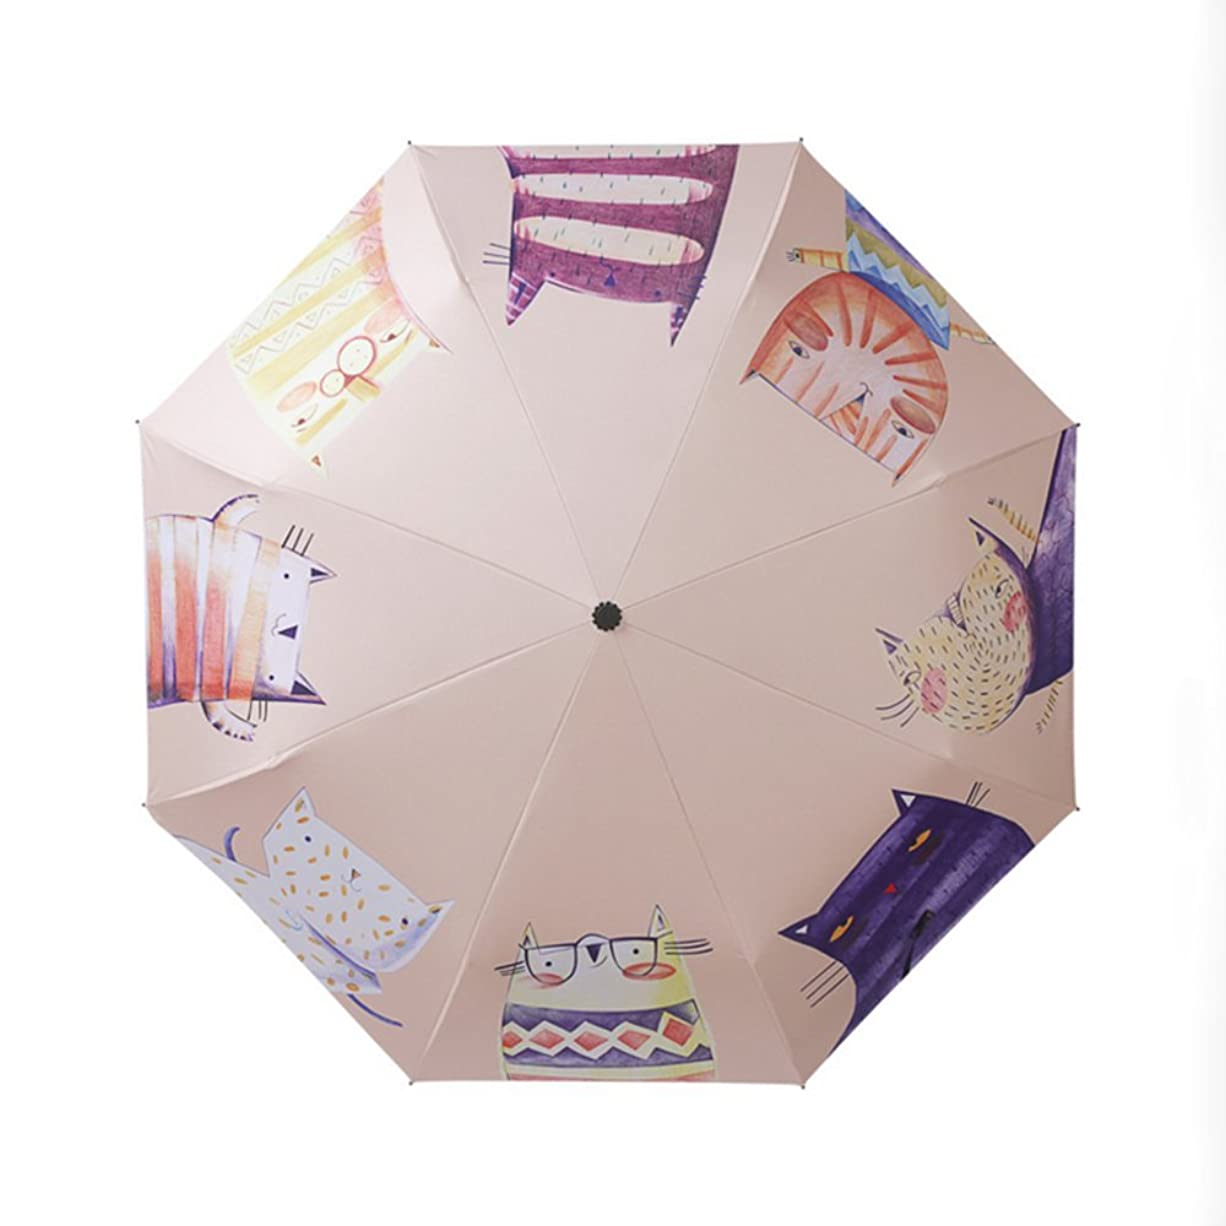 日インスタント墓折りたたみ傘 可愛い猫柄 雨傘 日傘 遮光遮熱 超撥水性良く 紫外線予防加工 UVカット率 98% 以上 骨組み傘 手動傘 安心検品 かわいい おしゃれ レディース 晴雨兼用 日傘 軽量 大人 置き傘 贈り物 ギフト (ベージュ)